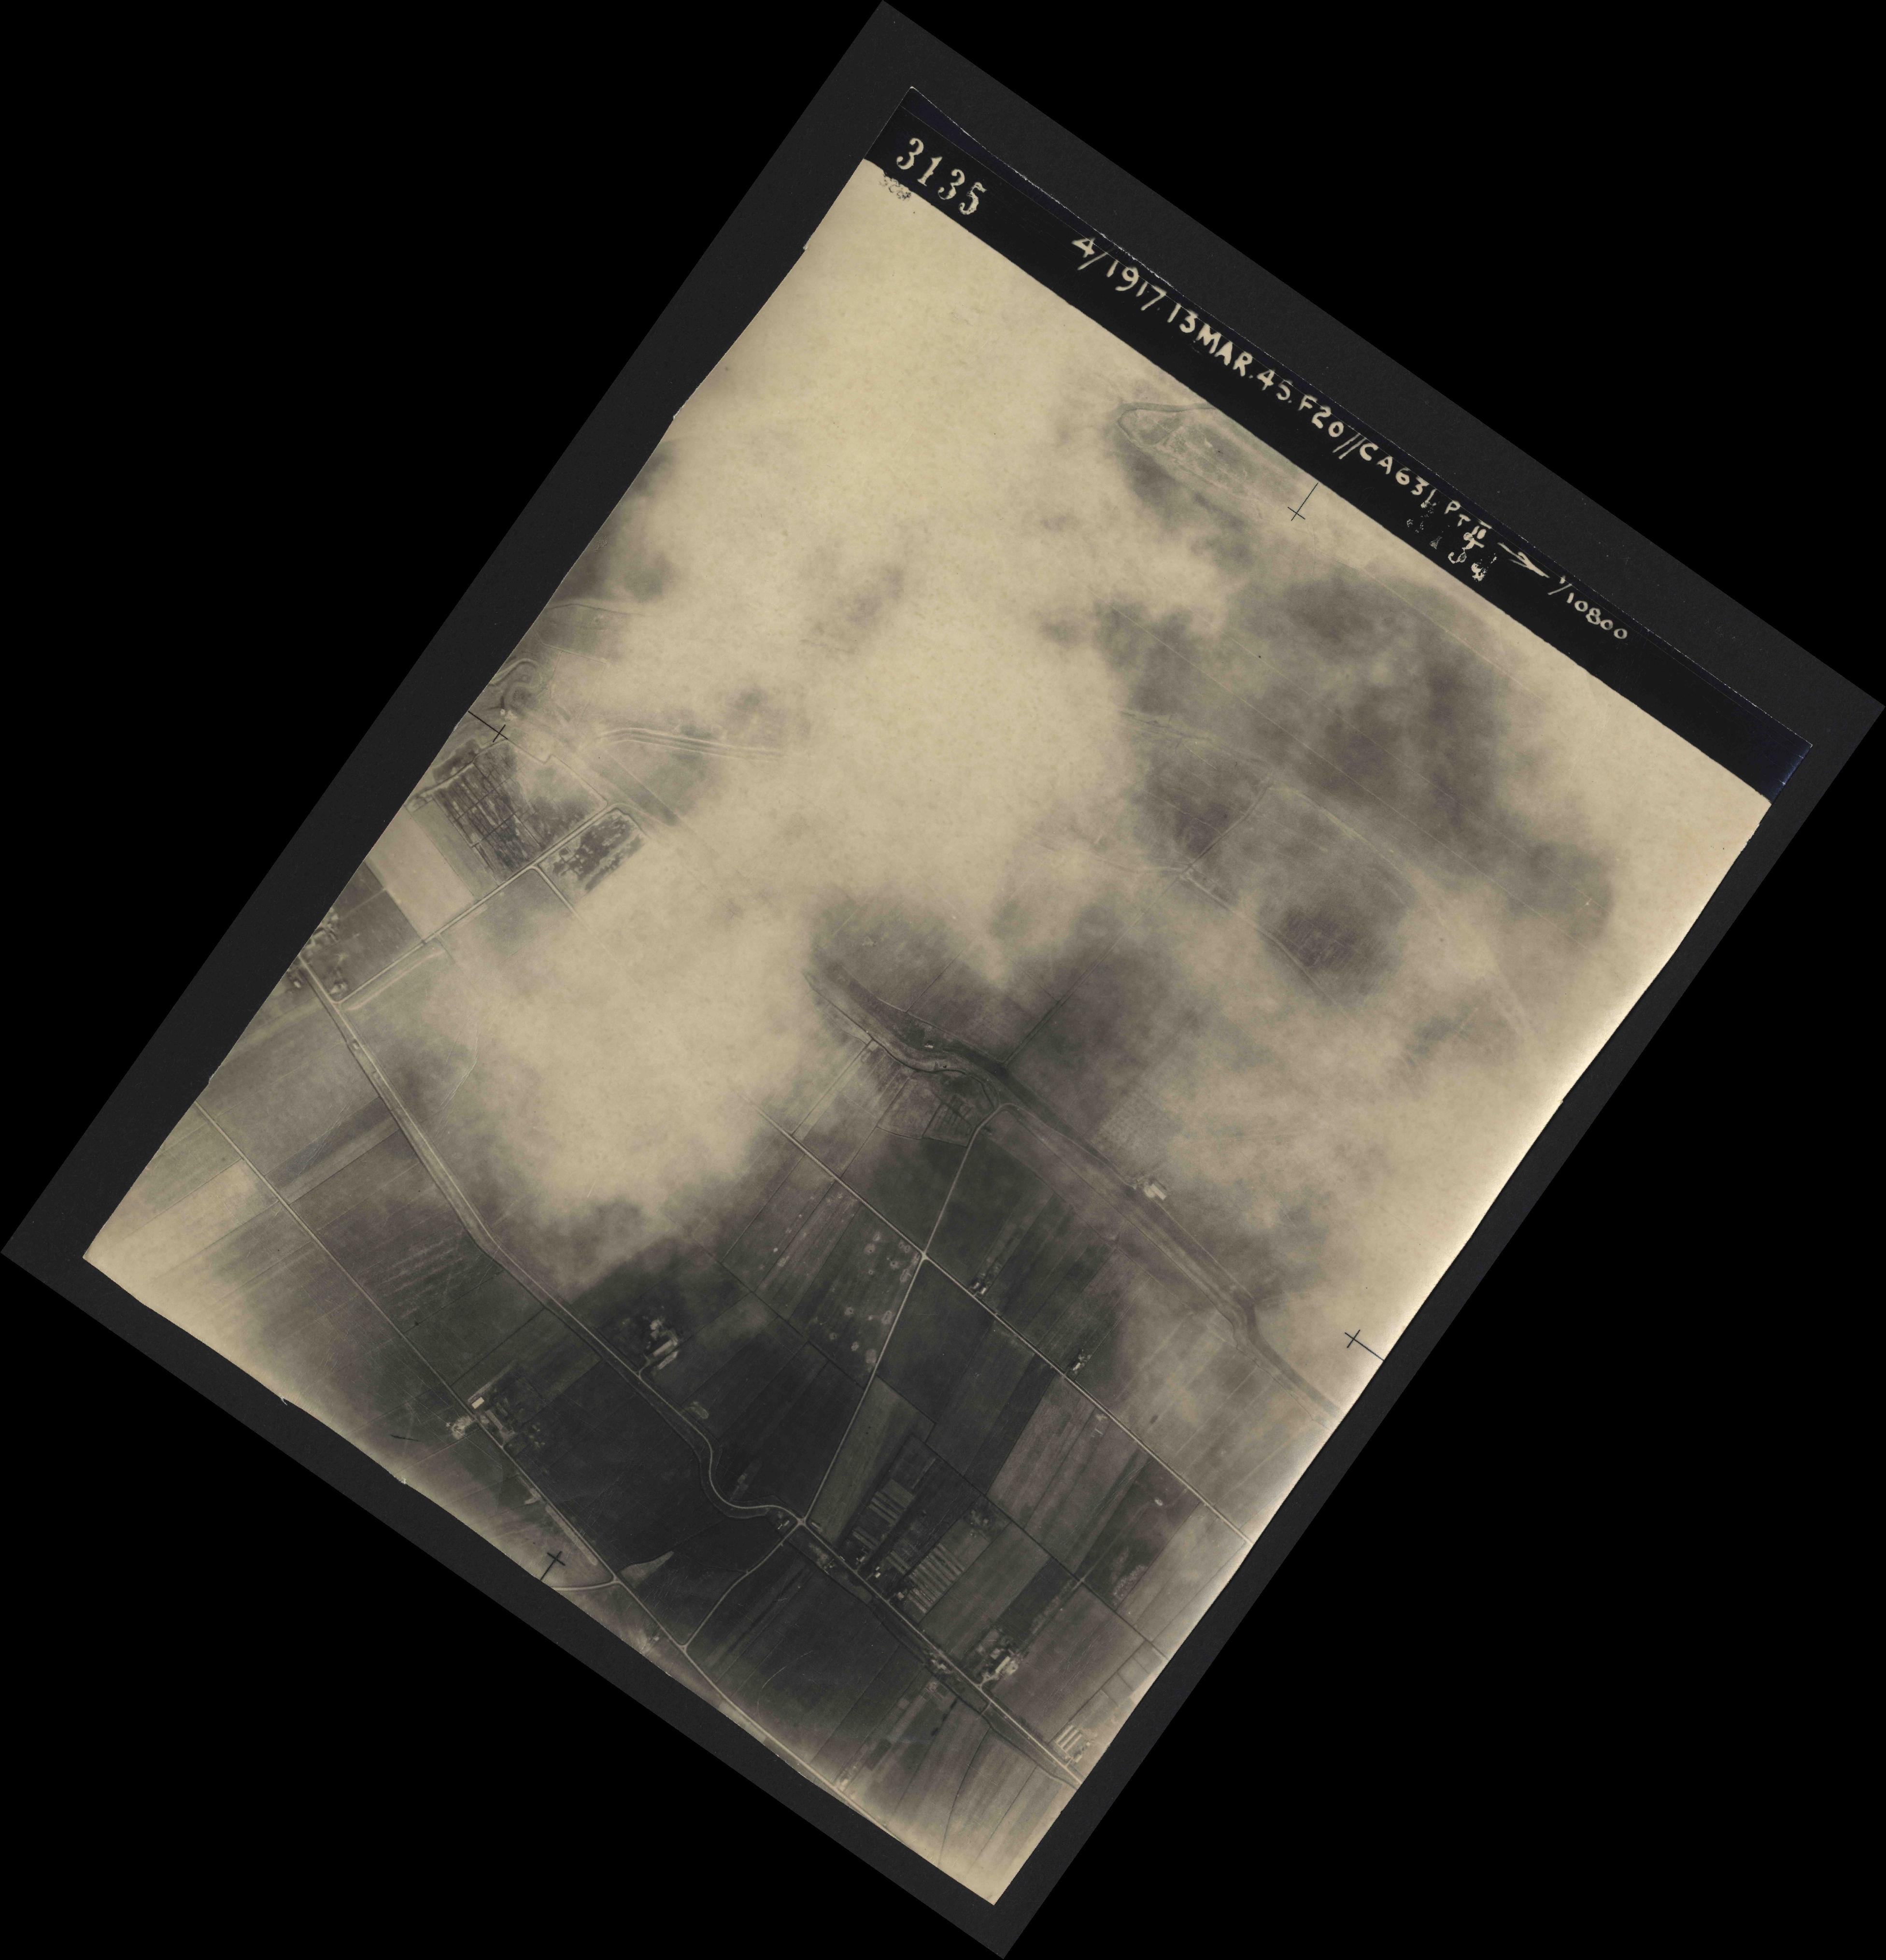 Collection RAF aerial photos 1940-1945 - flight 093, run 01, photo 3135